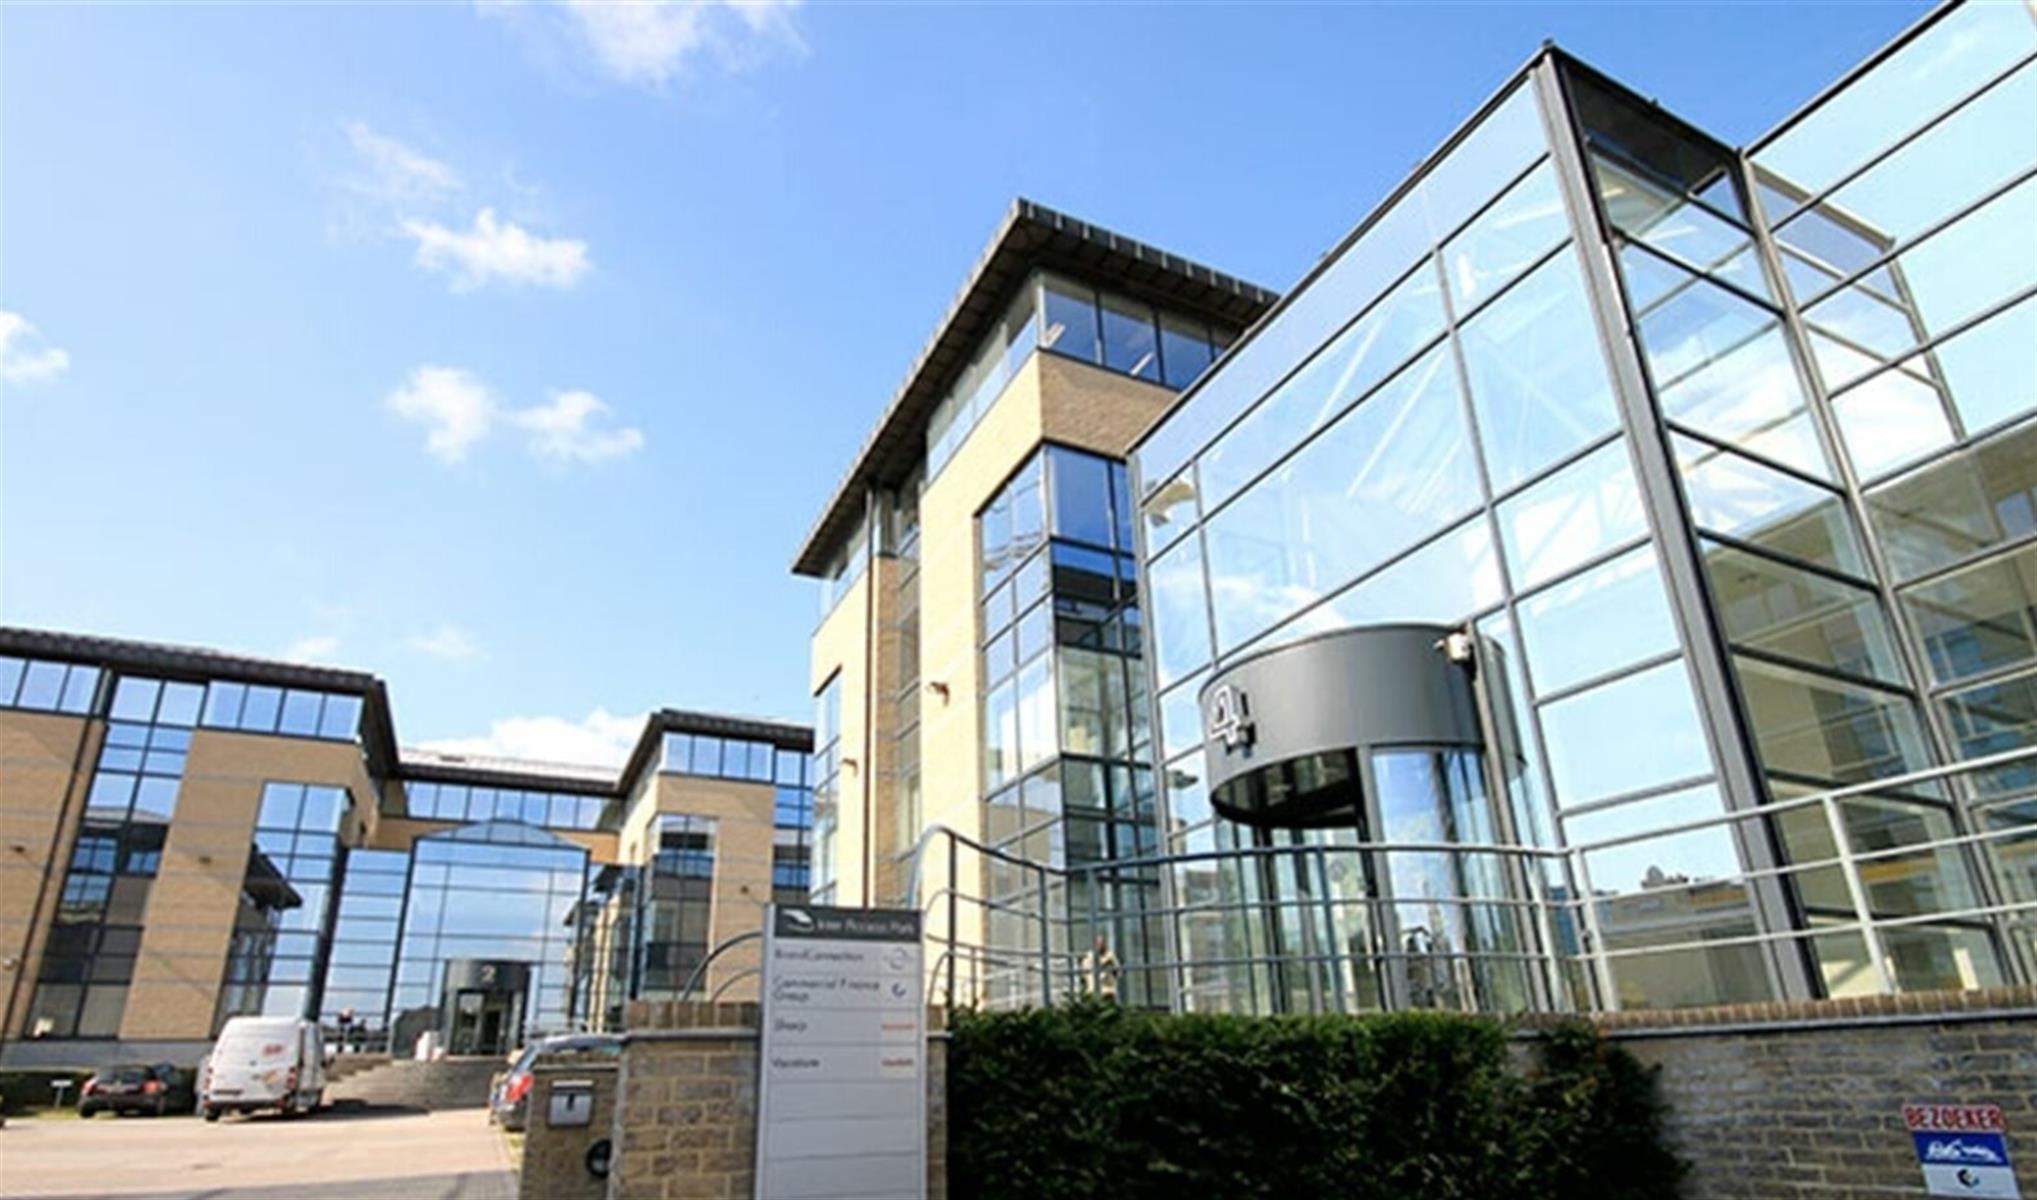 kantoor te huur I130 - Nr 4 - unit 1/L - Pontbeekstraat 2, 1702 Dilbeek, België 1